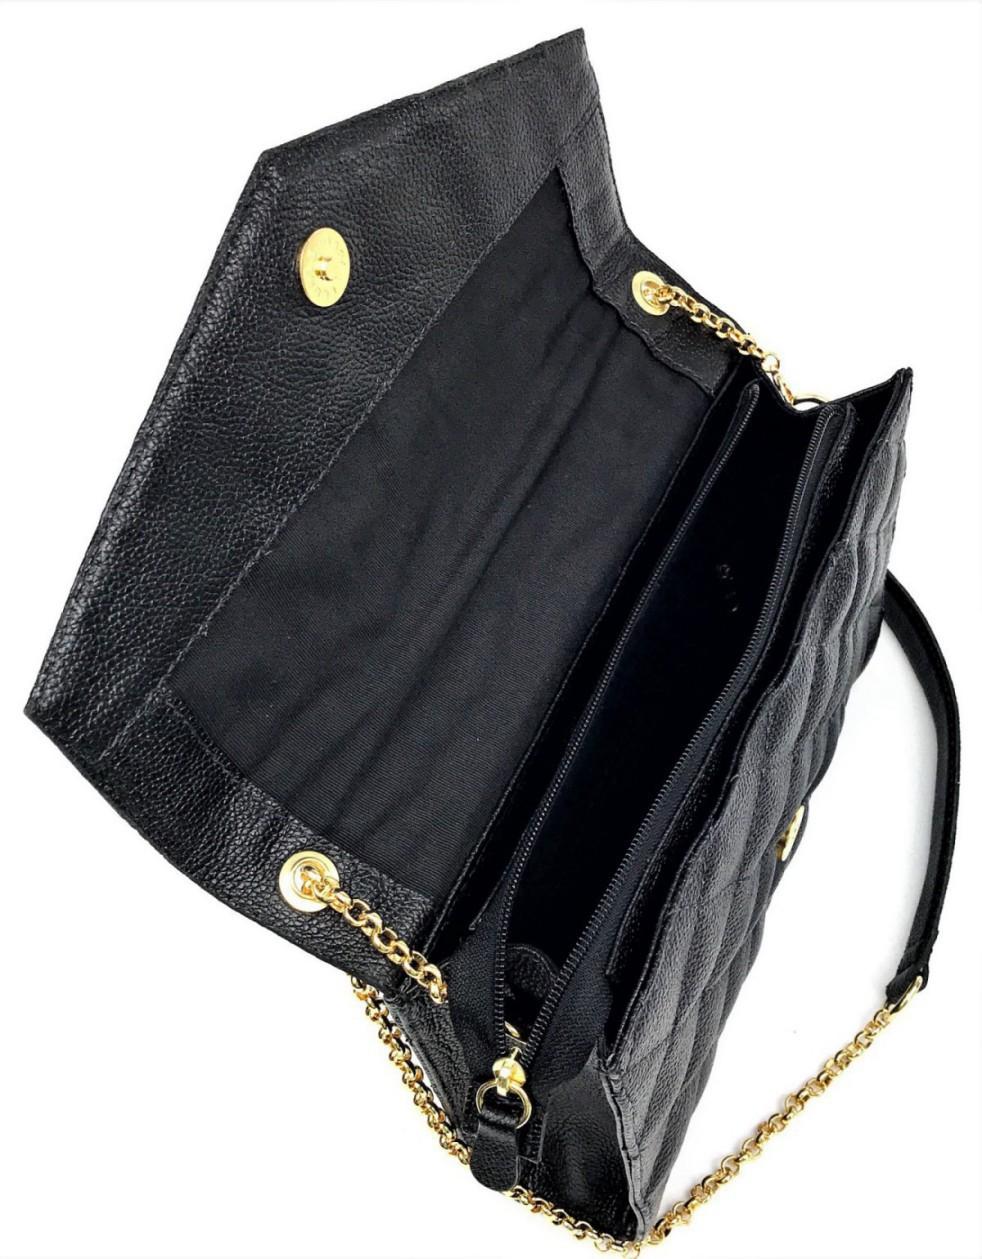 Bolsa de Couro Com Alça Corrente Tiracolo Preta HB656 | HAMISH